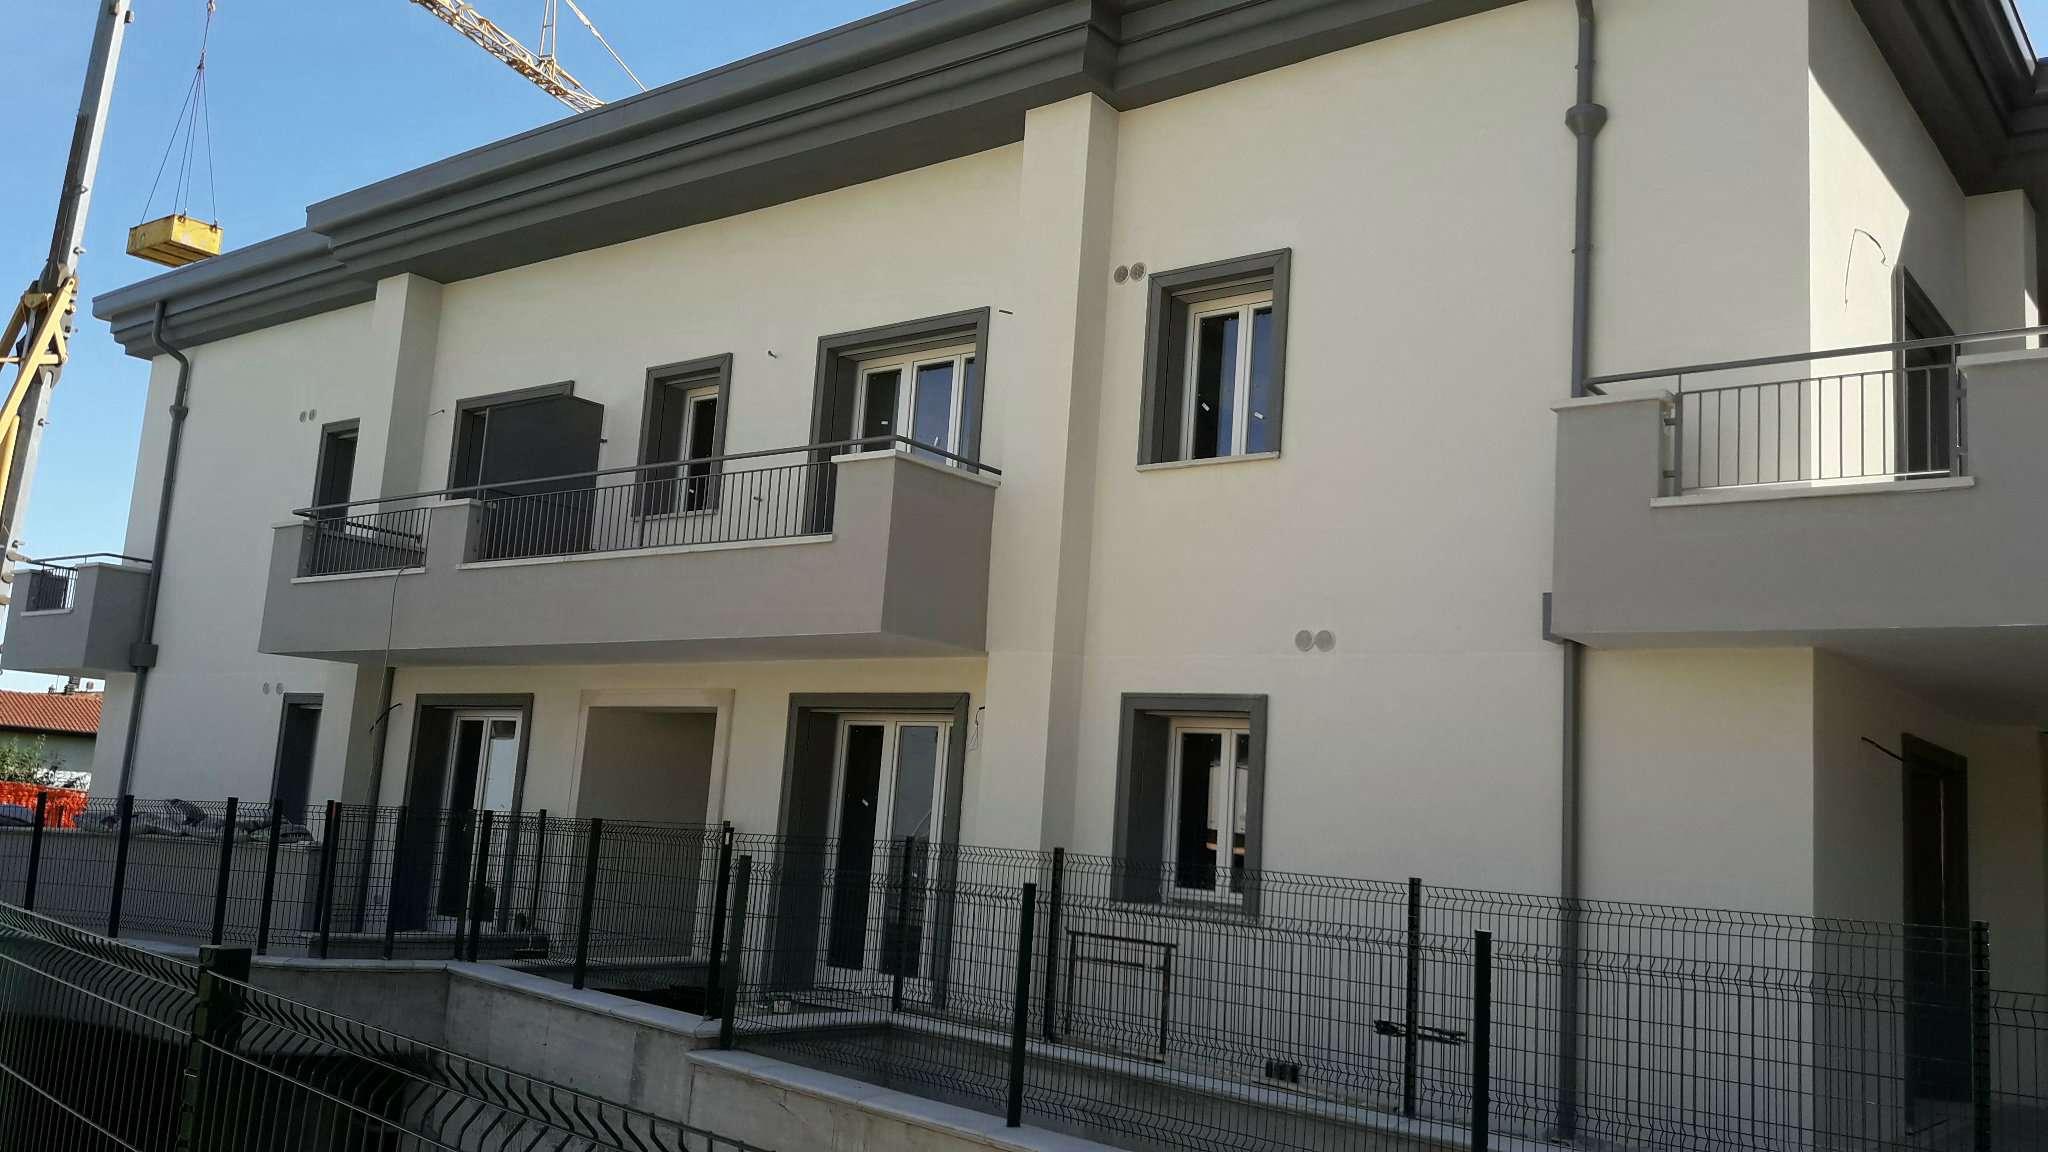 Appartamento in vendita a Lurate Caccivio, 3 locali, prezzo € 155.000 | CambioCasa.it